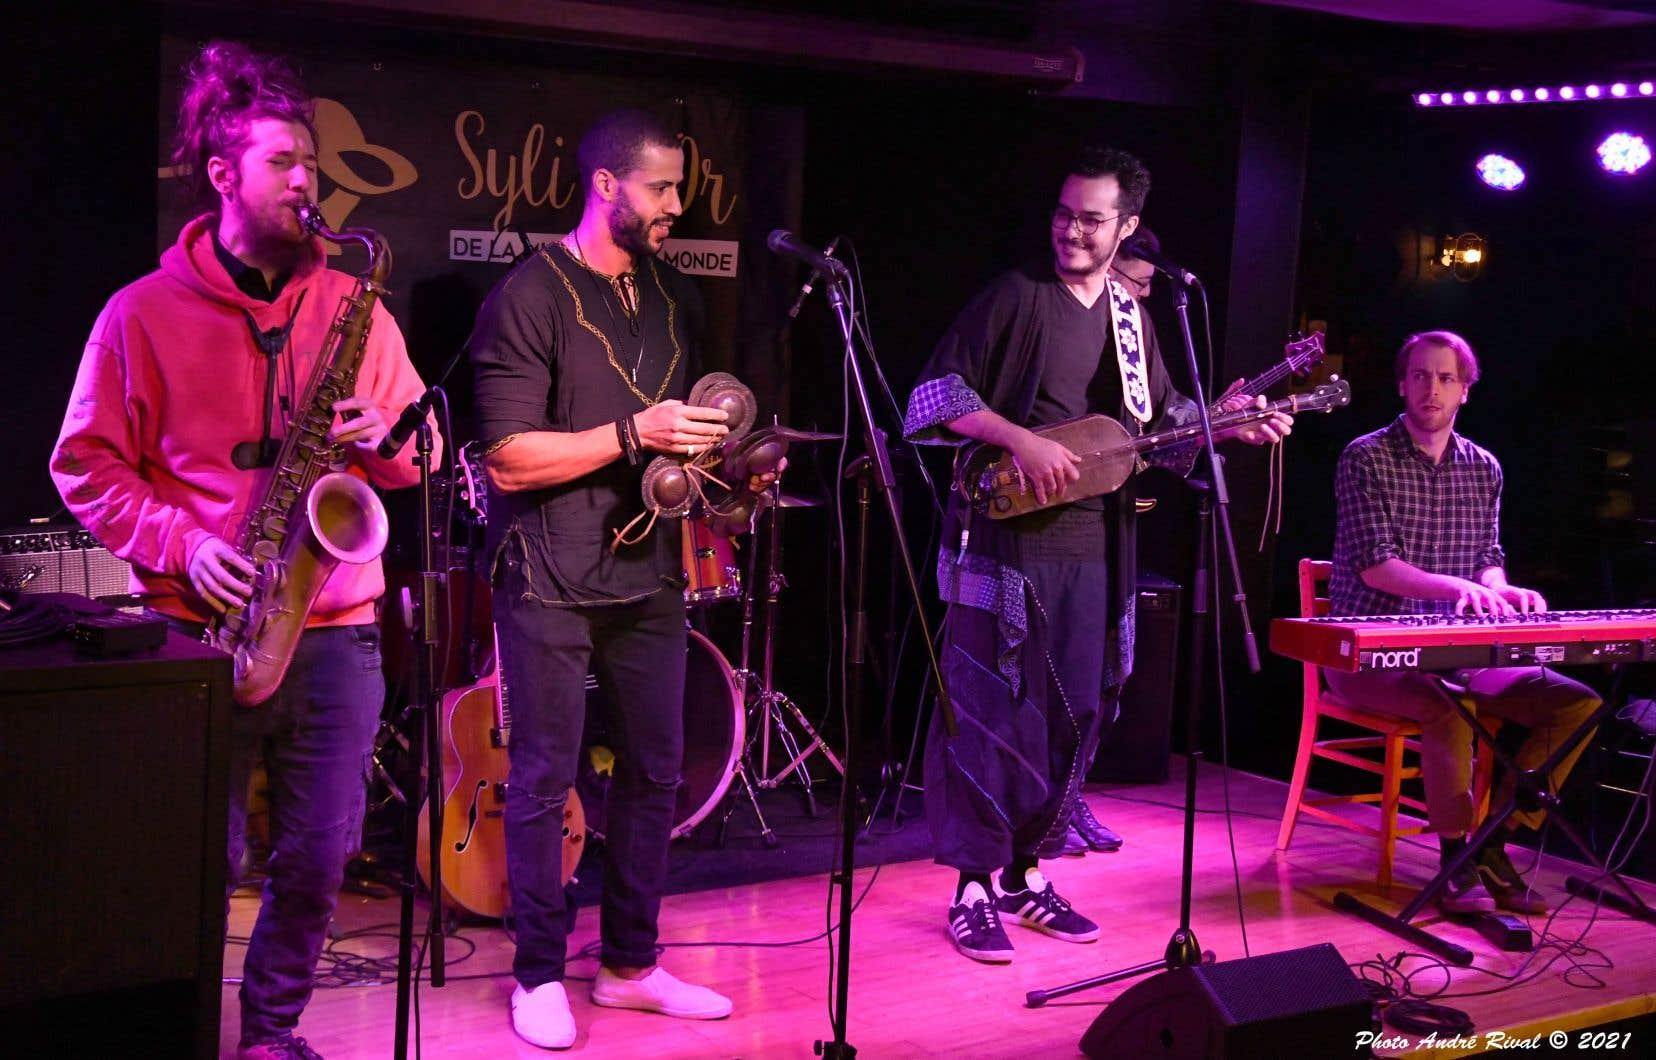 La vitrine des talents de la relève québécoise en musiques métissées a sacré le groupe Boulila, qui propose une fusion de musique gnawa, de jazz et de funk.